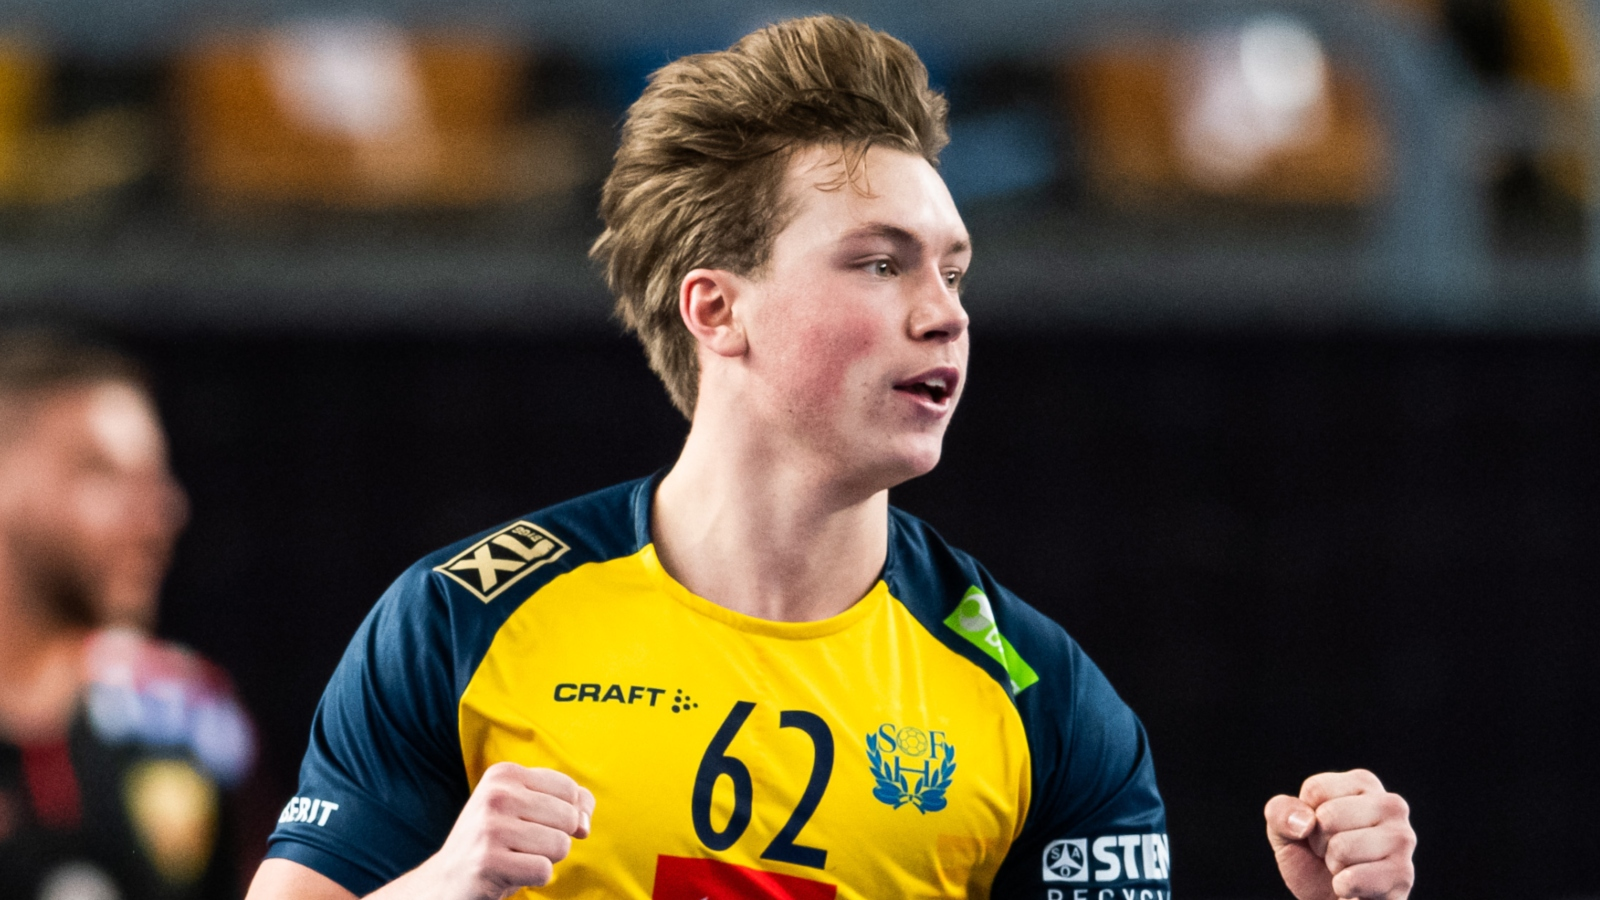 """Valter Chrintz: """"Alla drar sitt strå till stacken"""" - Handbollslandslaget"""